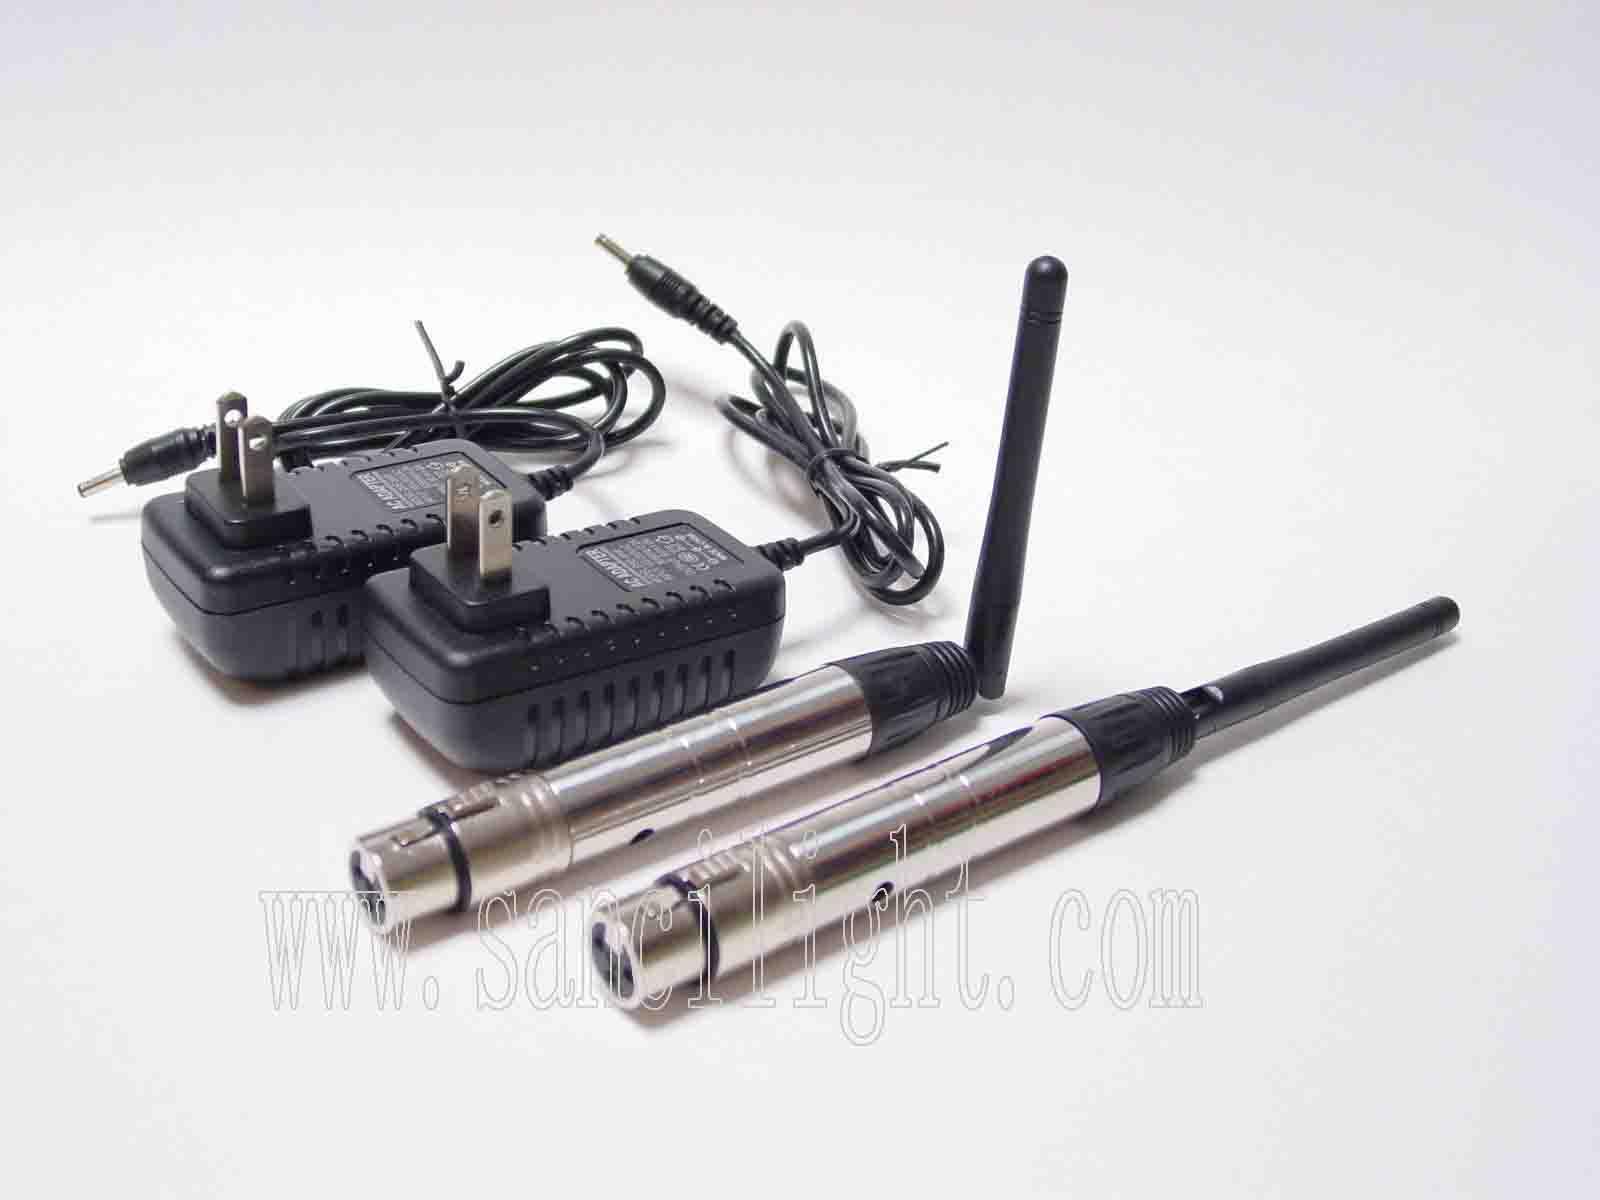 无线网络信号接收放大器怎么设置